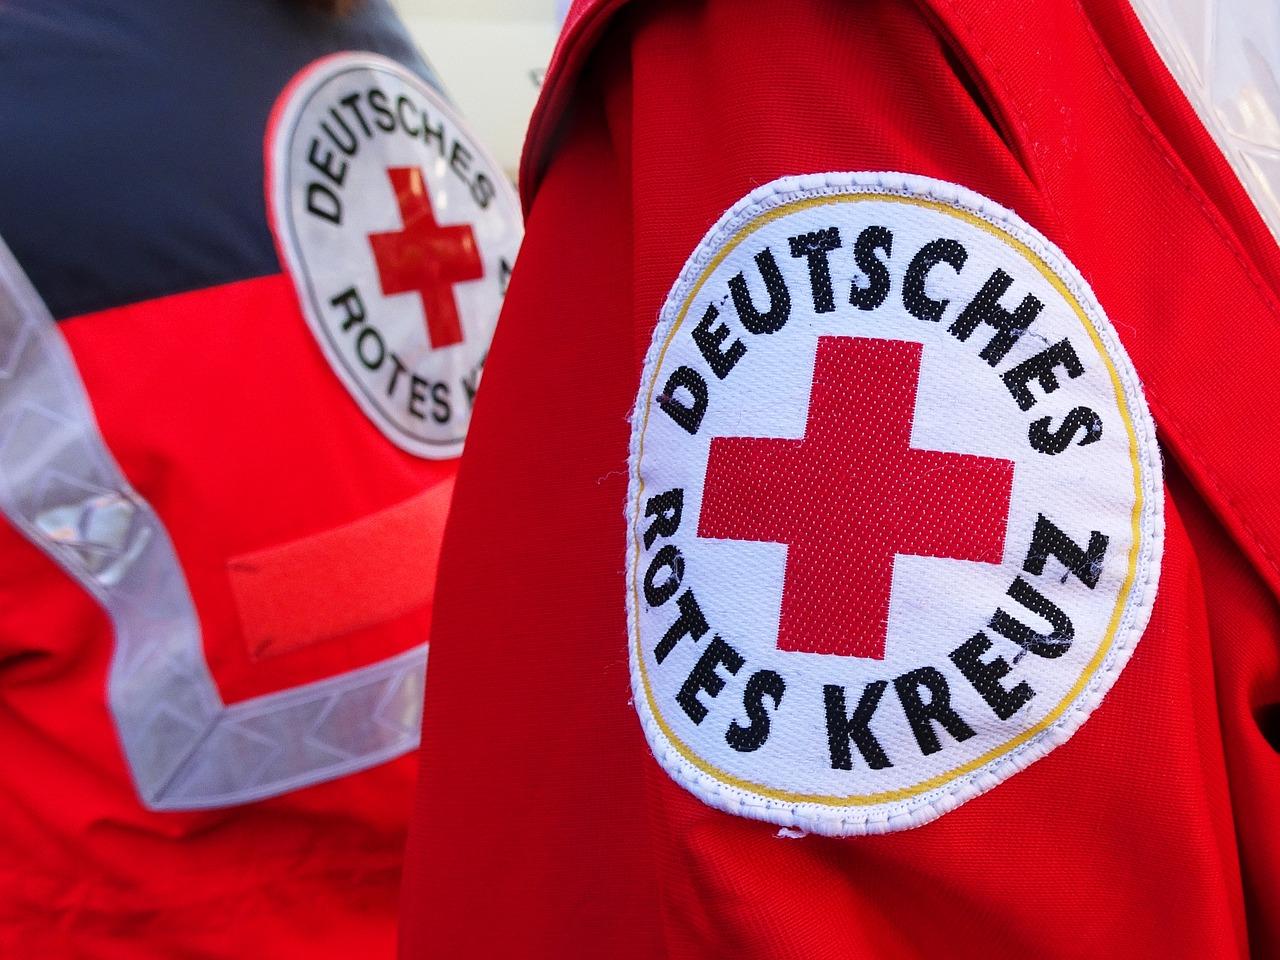 Немецкий Красный Крест доставил в Бейрут гуманитарную помощь - Фото